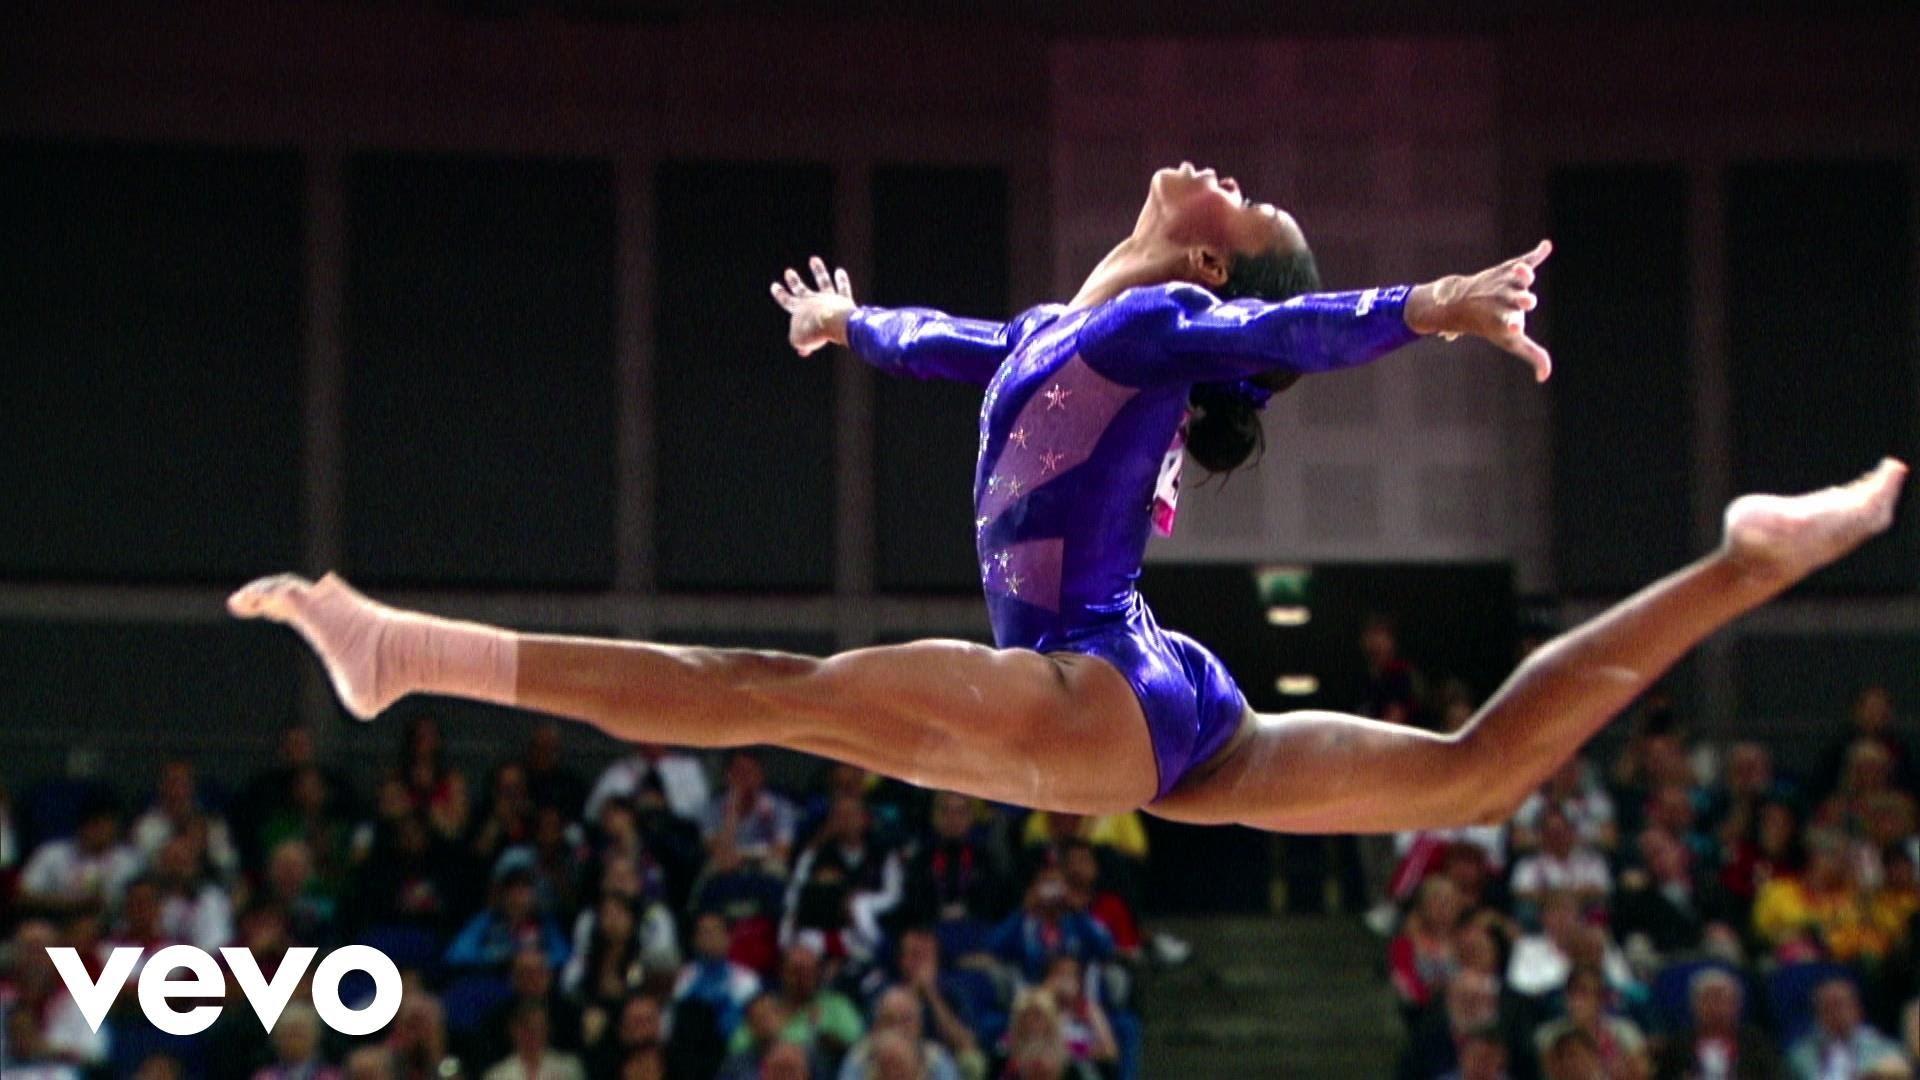 聽凱蒂佩芮新曲〈Rise〉熱血迎接里約奧運!